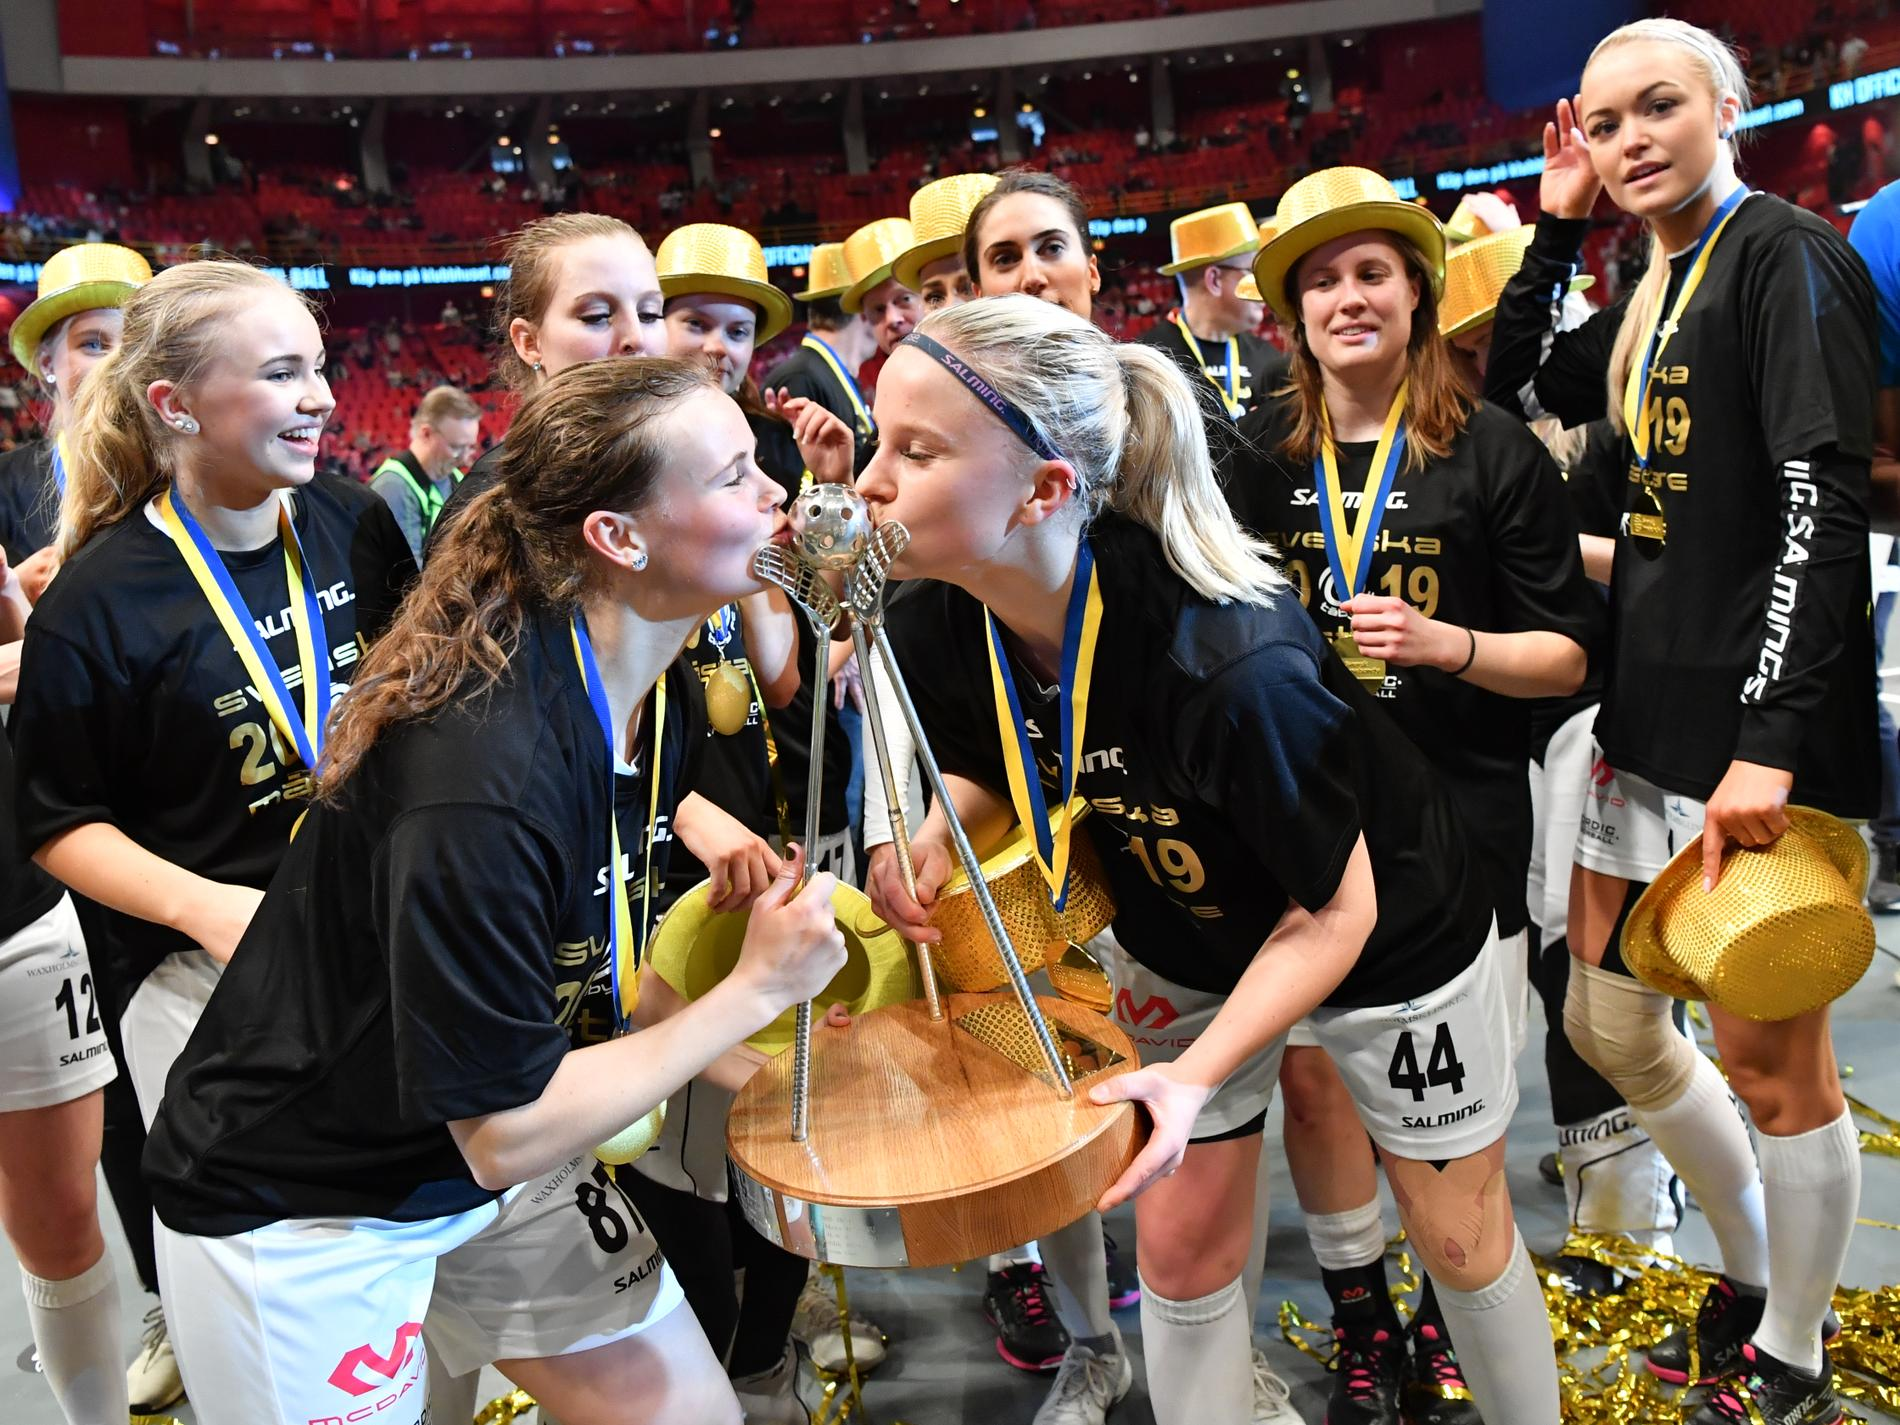 2019 blev Täby svenska mästare. Under de kommande fem åren sänds alla deras matcher på Expressen. Arkivbild.